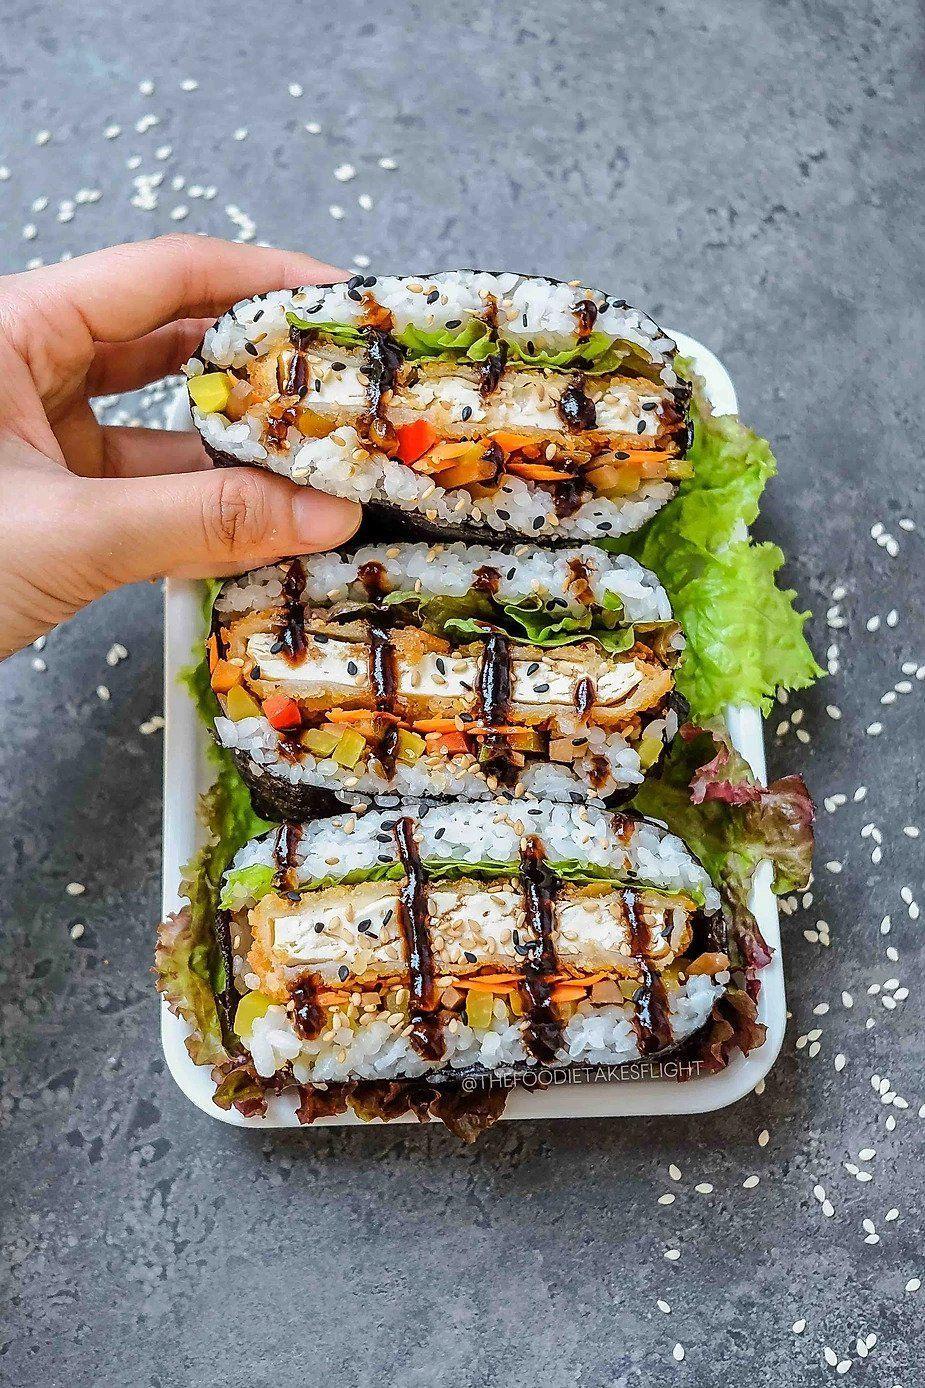 17 Vegan Sushi Recipes You Should Try Making Yourself Morgan Boulevard In 2020 Sushi Sandwich Sushi Recipes Vegan Sushi